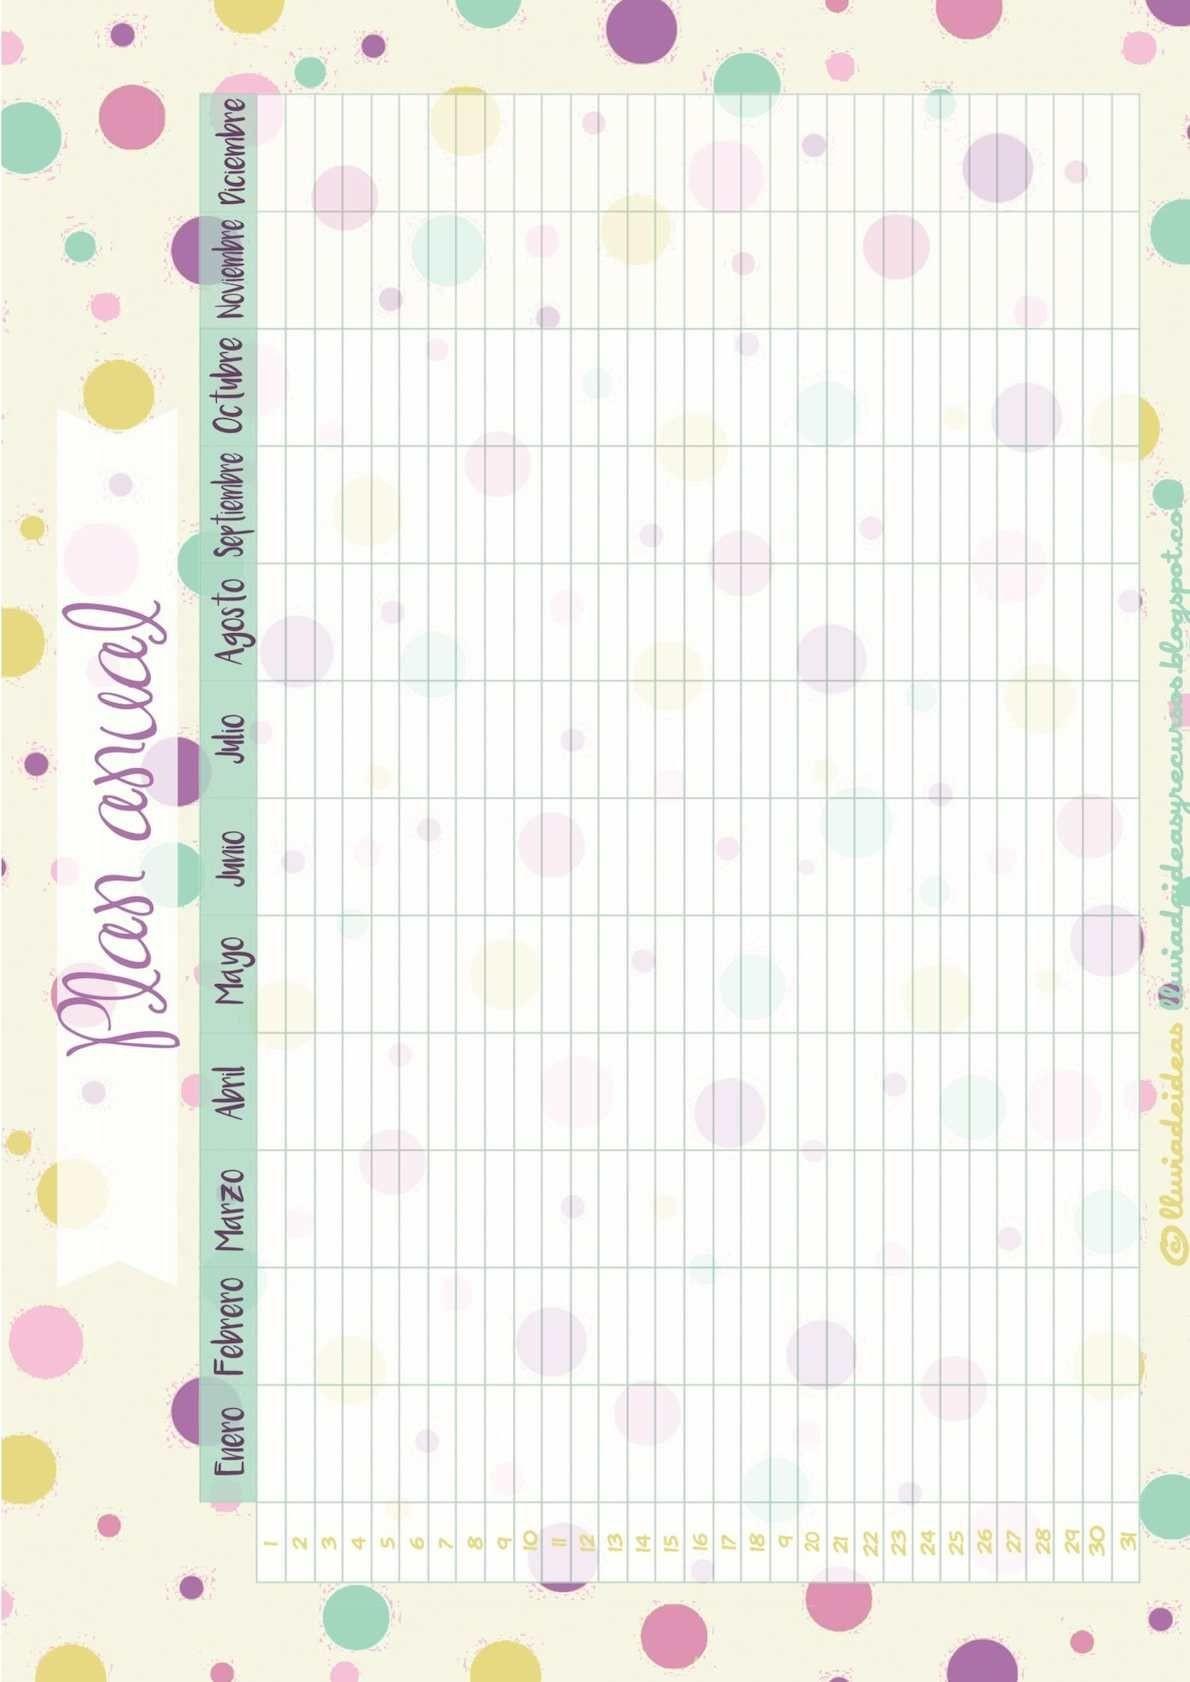 Calendario Imprimir Octubre Recientes Pack Descargable Planifica Tu A±o 2016 Agenda Pinterest Of Calendario Imprimir Octubre Más Actual Calendario 2019 Agosto Calendario Mensual Moderno De Estilo Minimal